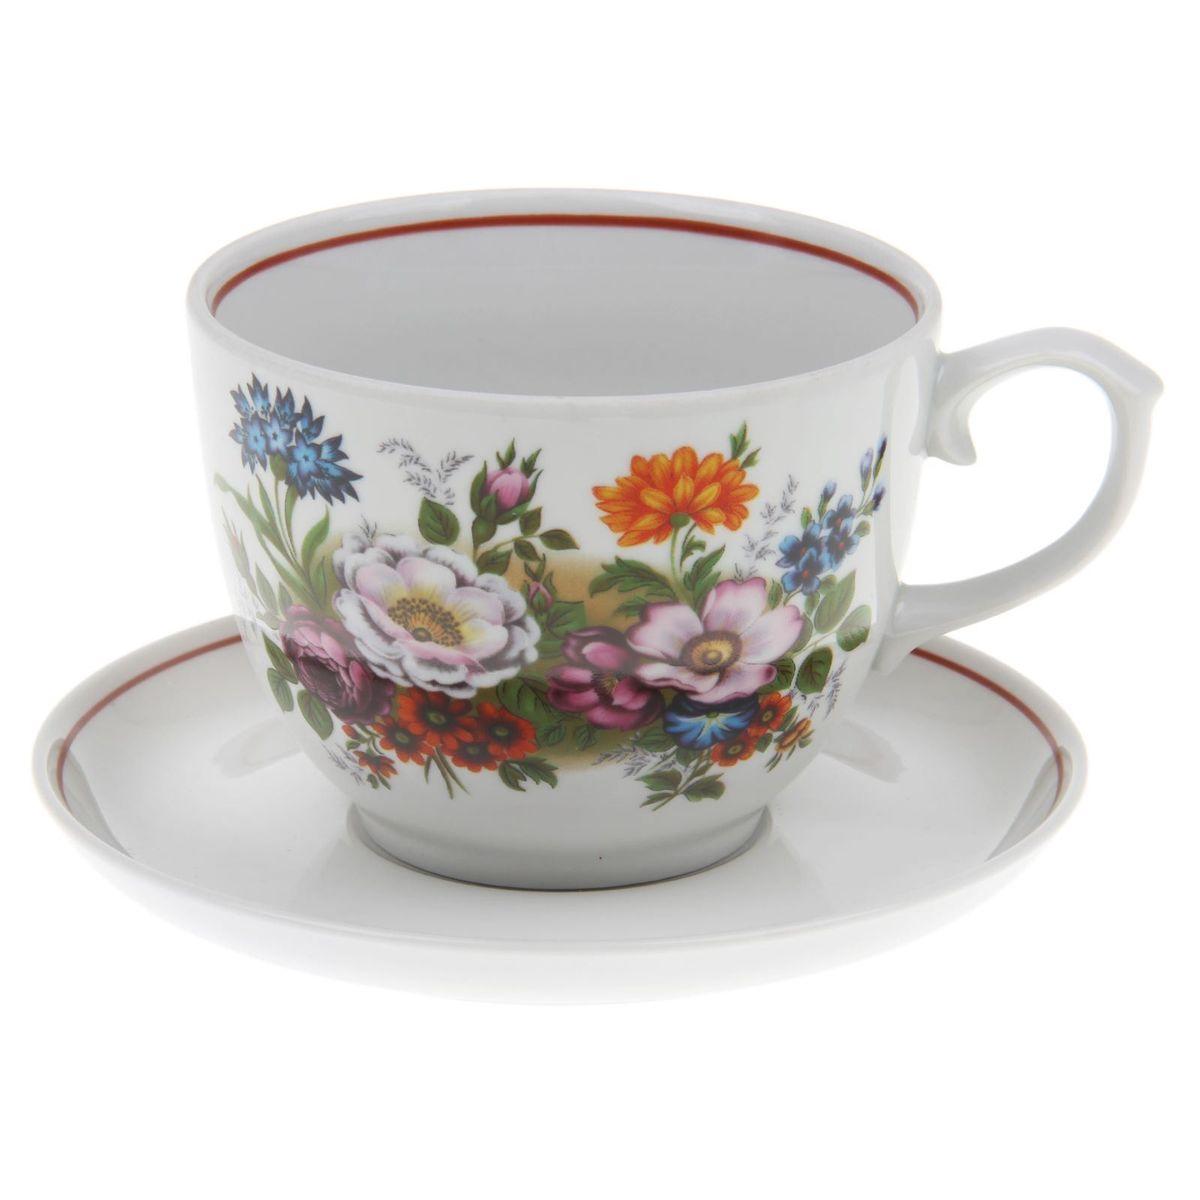 Чайная пара Букет цветов, 2 предмета1303813Чайная пара Букет цветов состоит из чашки и блюдца, выполненных из фарфора. Чайная пара украшена цветочным рисунком. Набор сочетает в себе бытовую практичность и декоративную утонченность. Подходит для повседневного использования.